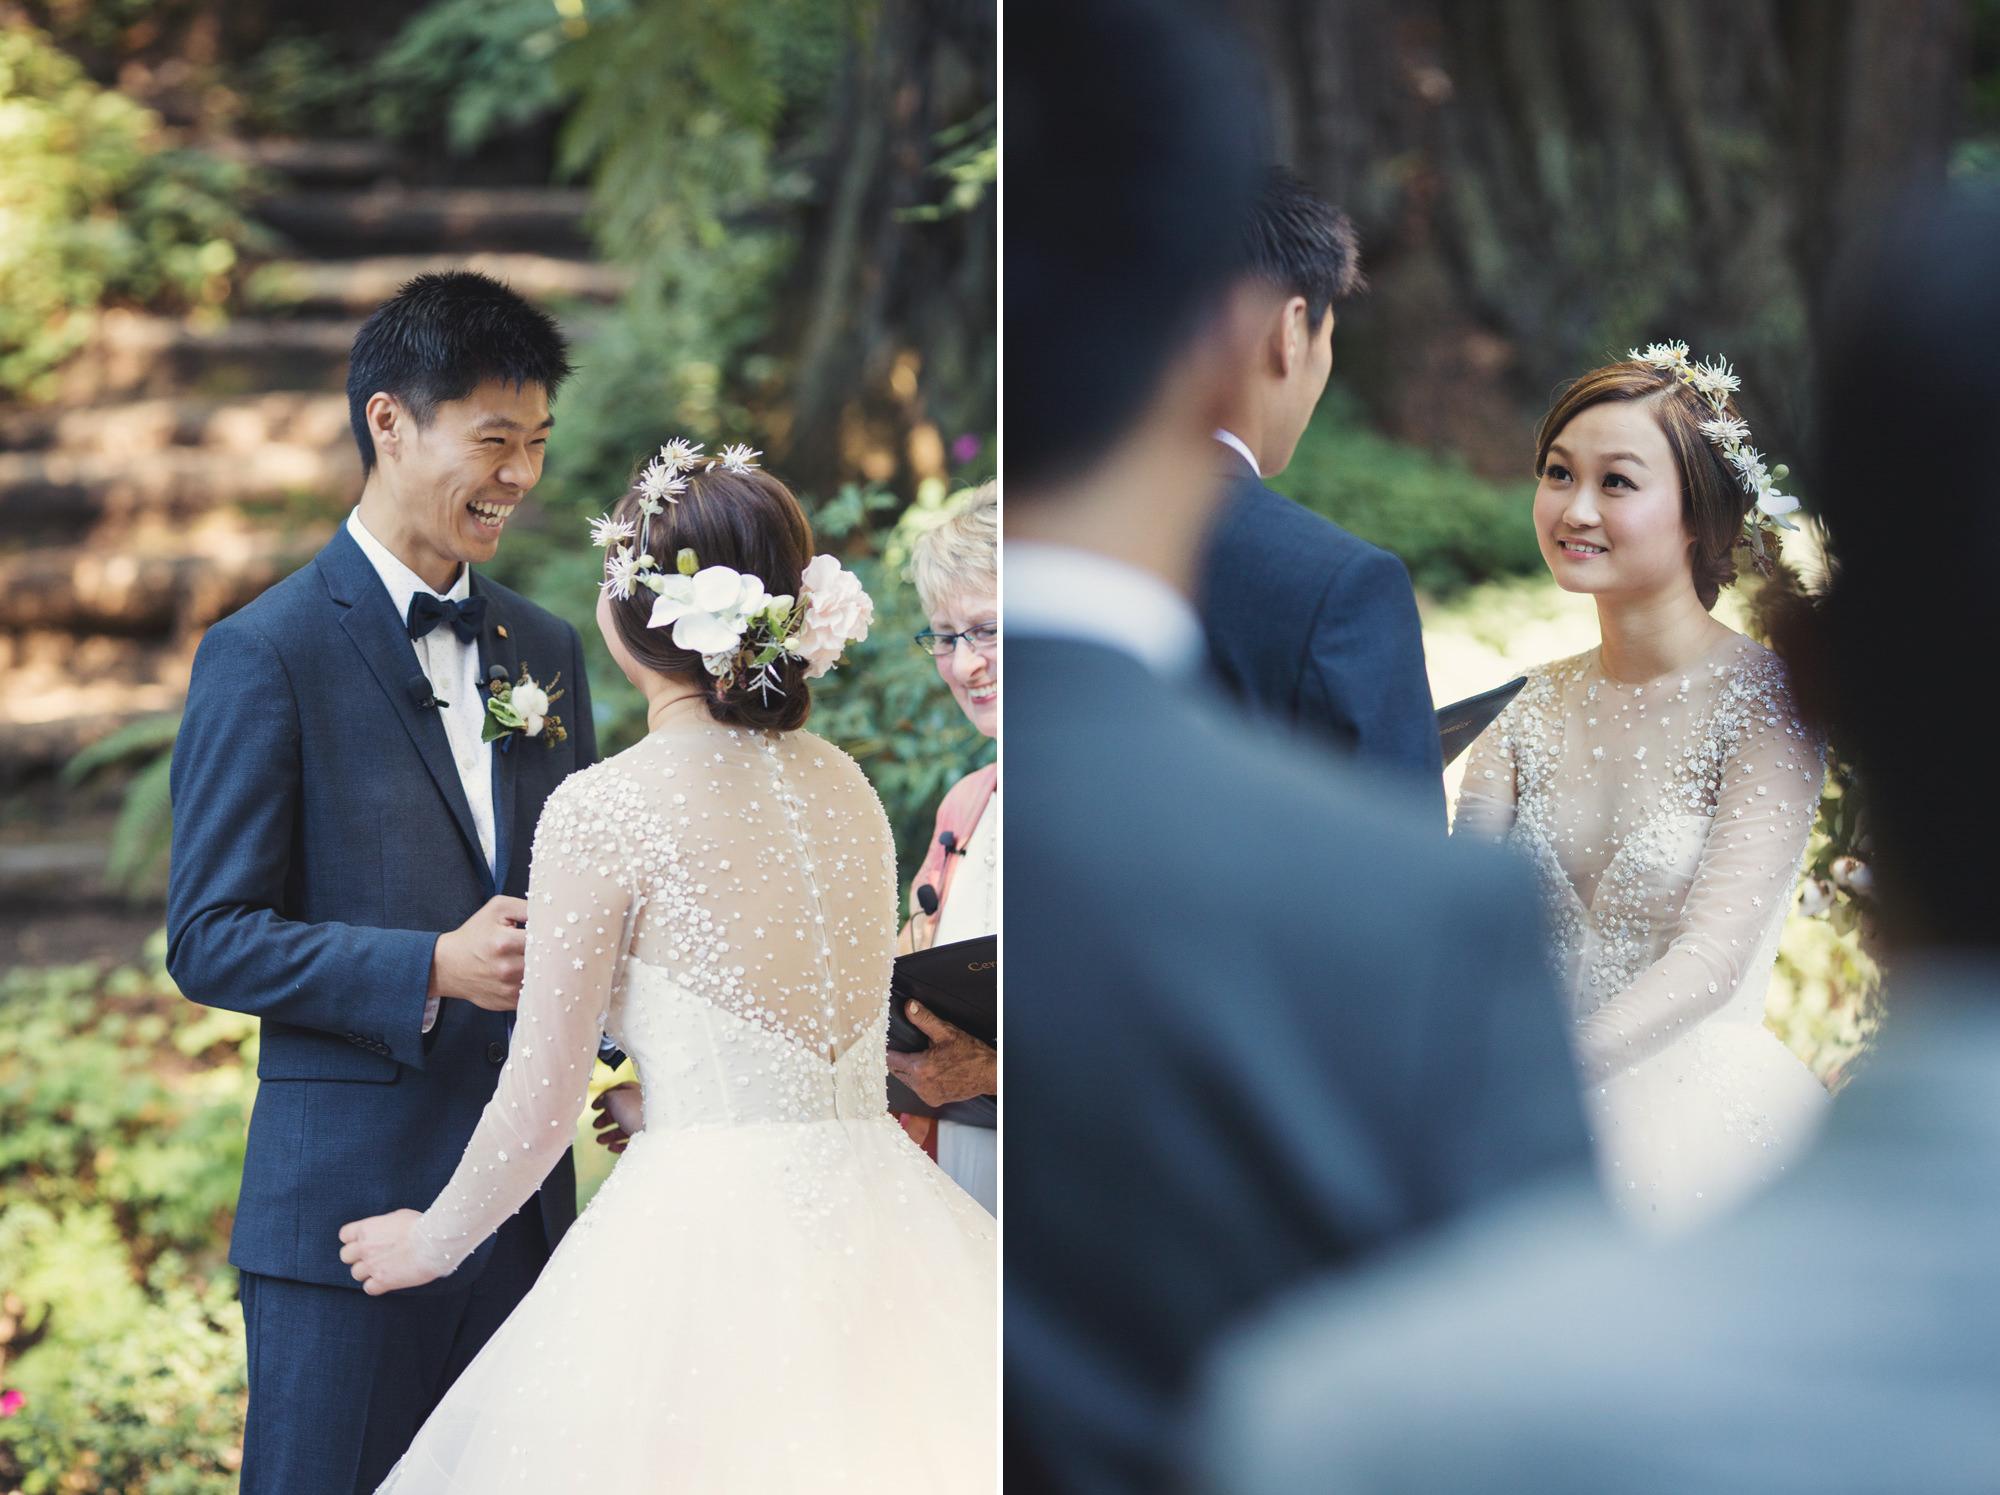 Fairytale Wedding in Nestldown ©Anne-Claire Brun 0029